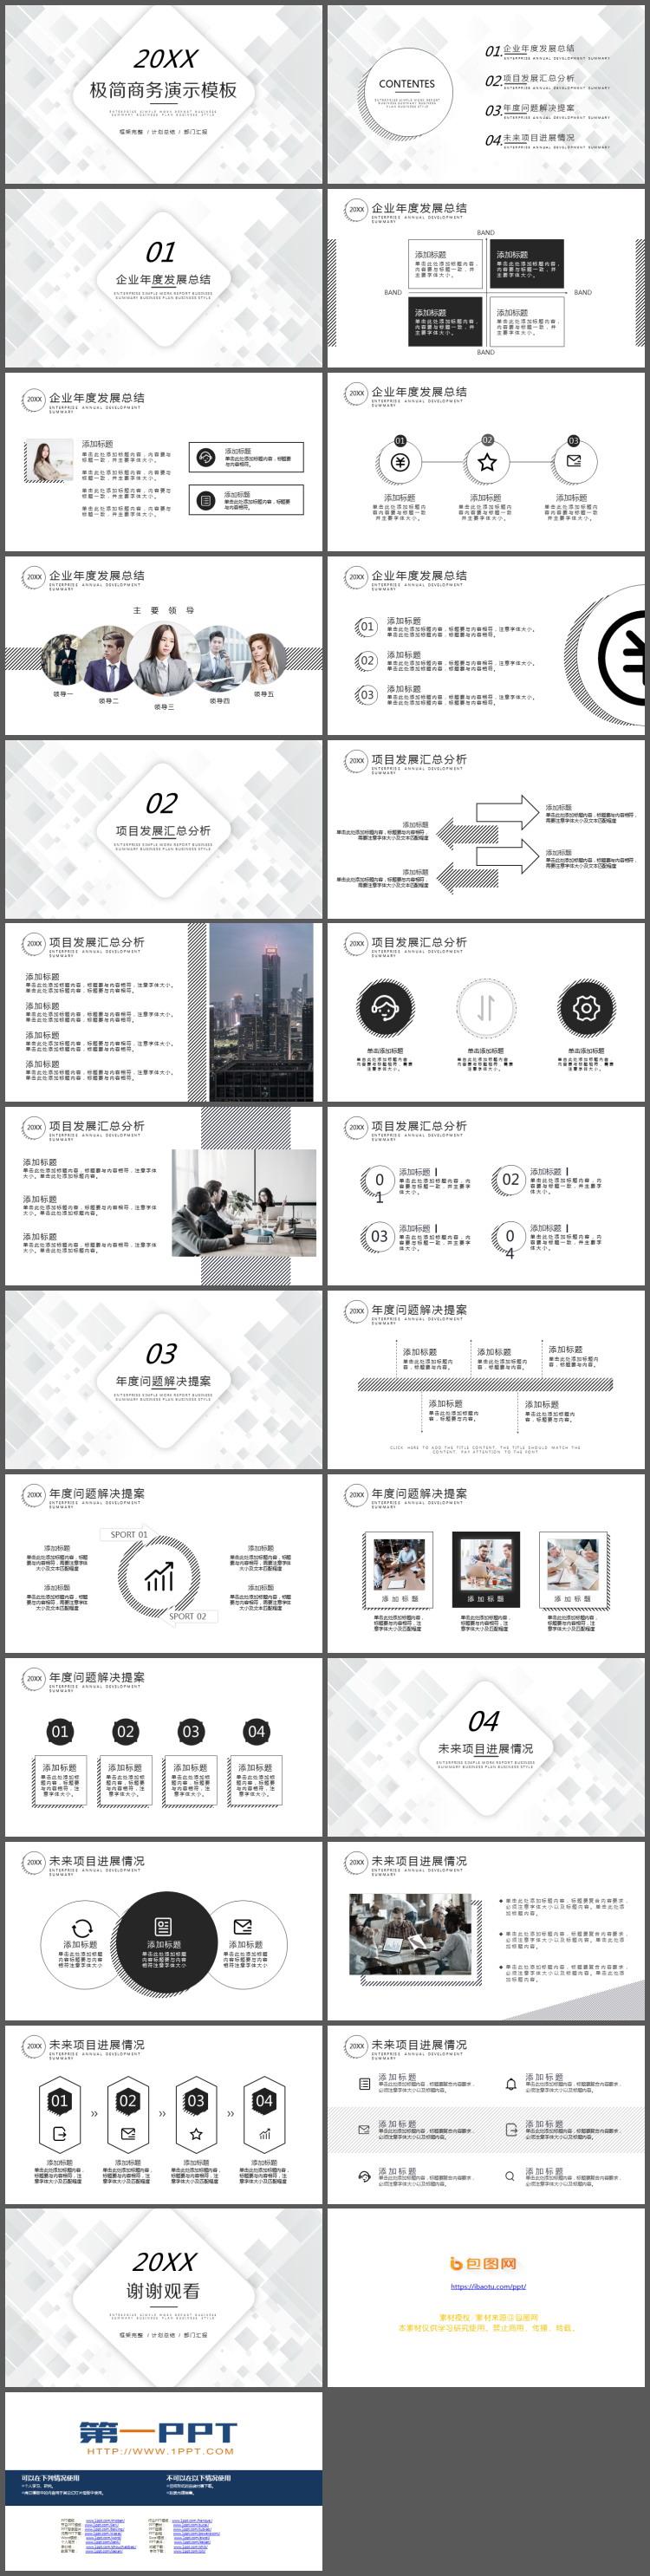 白色极简多边形背景商务PPT模板免费下载